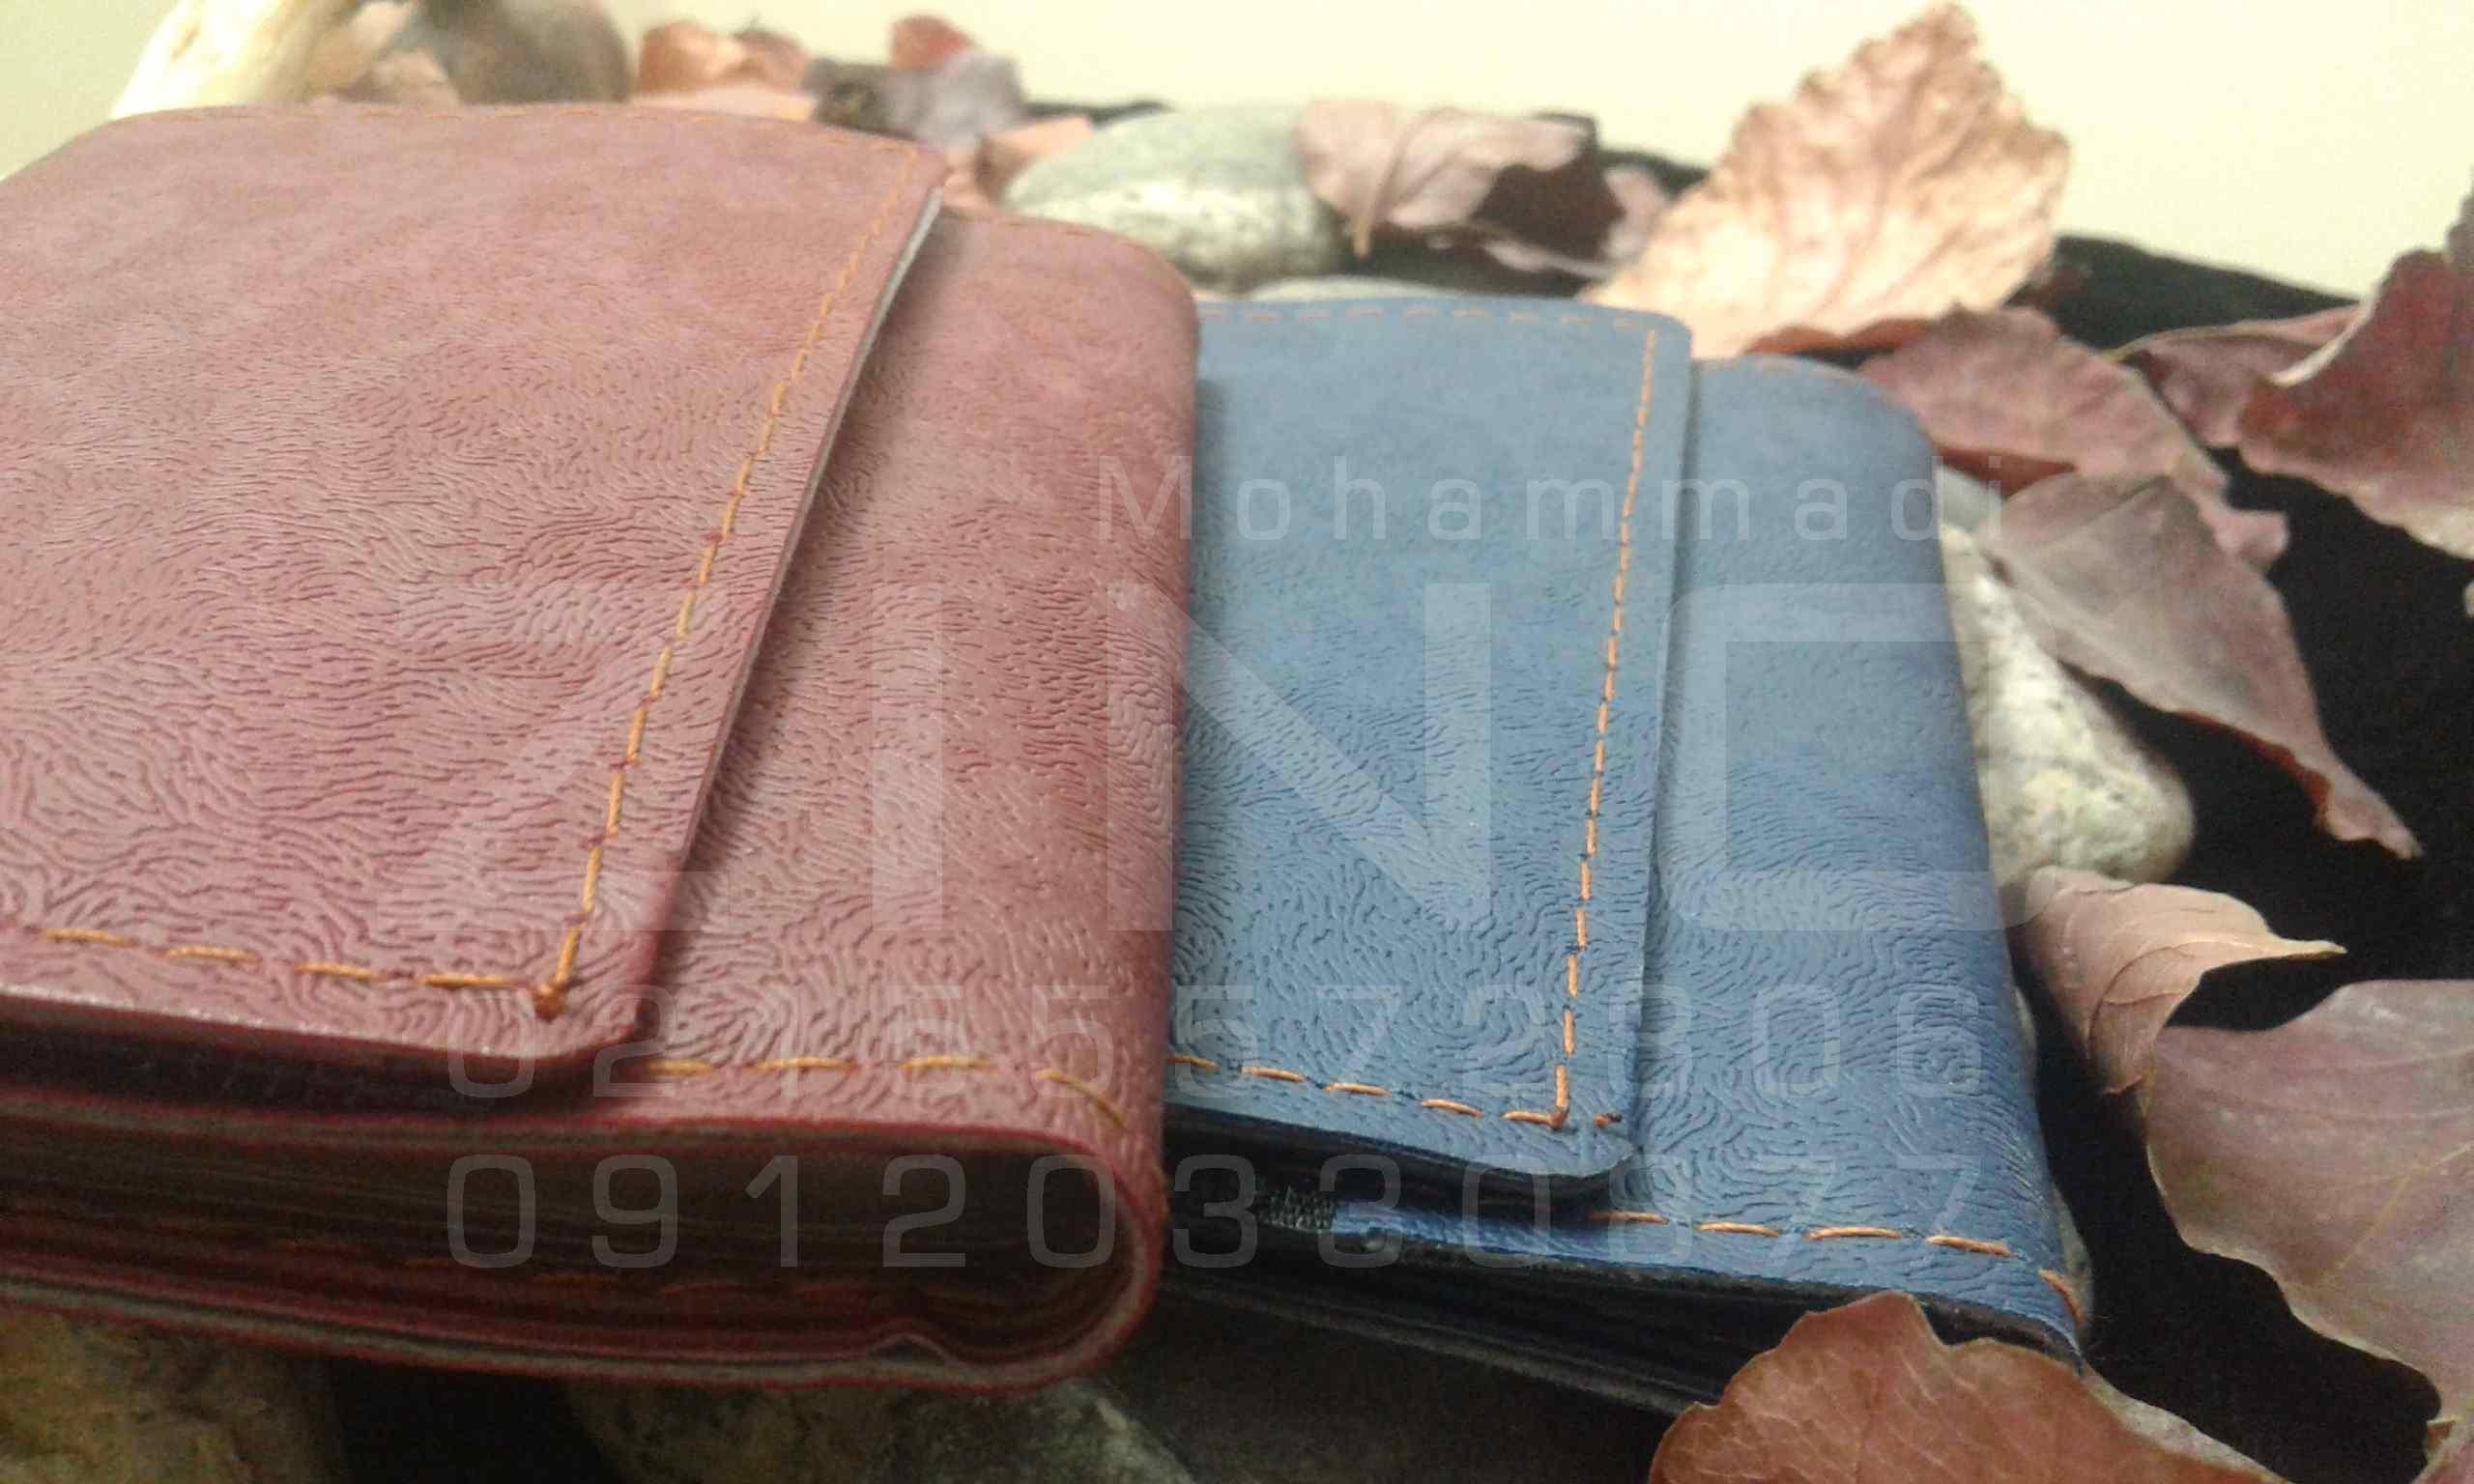 قیمت کیف مدارک و پول چسبی 98